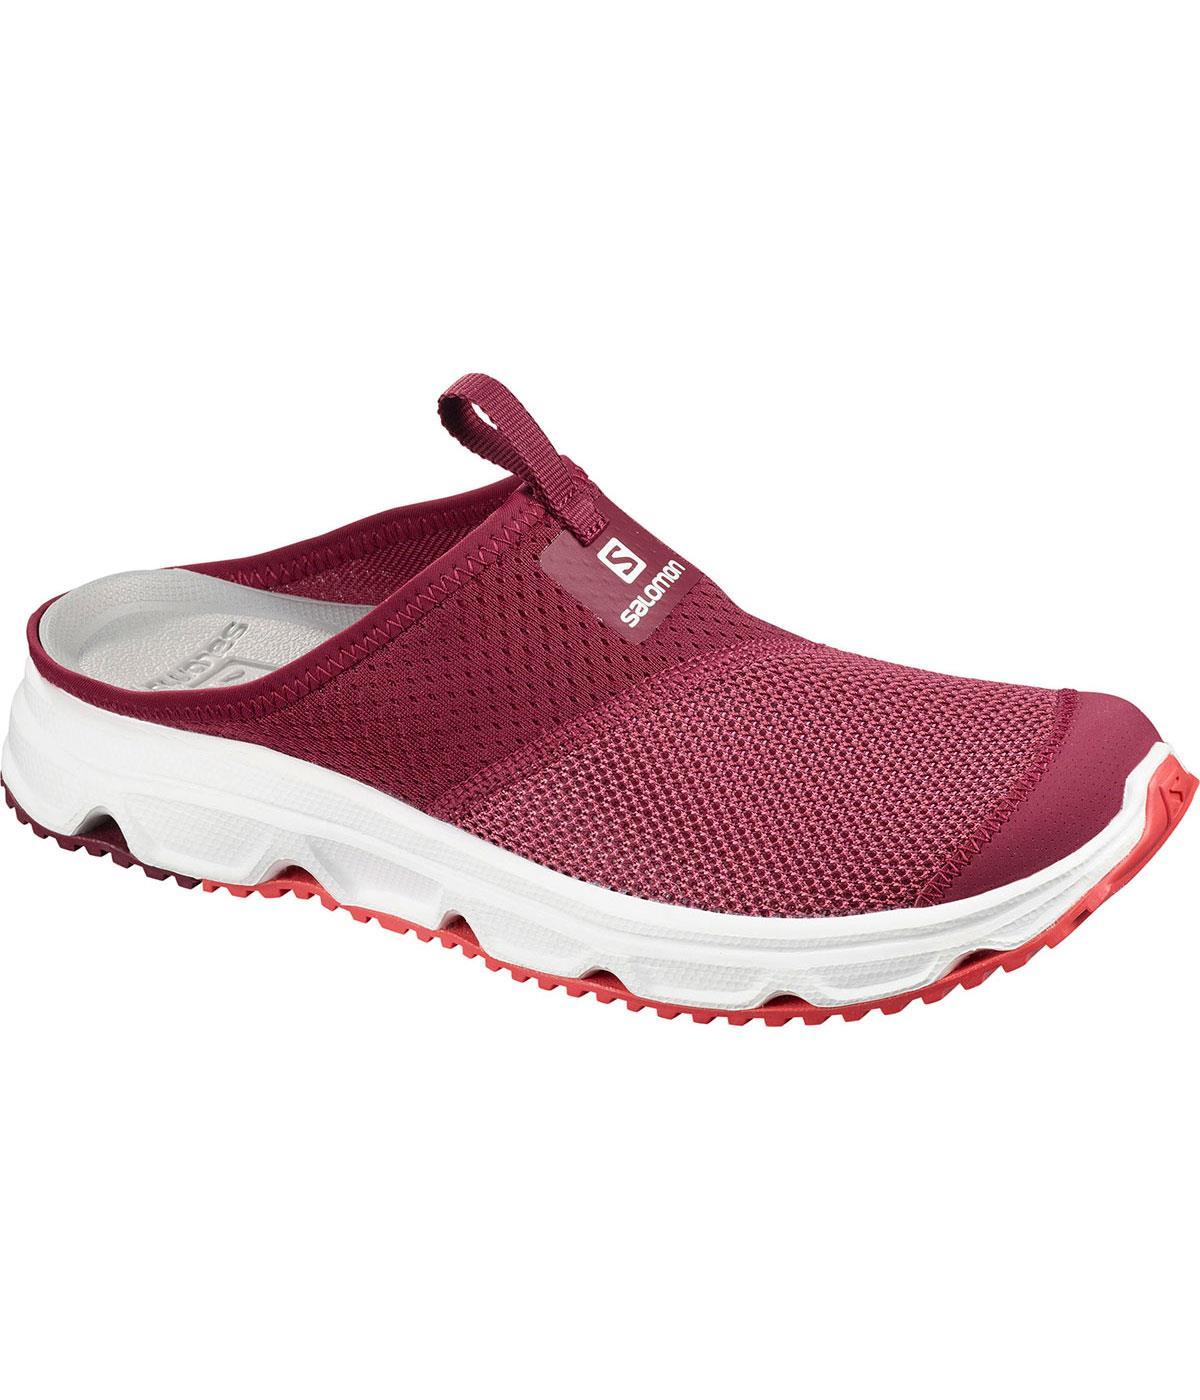 Salomon RX SLIDE 4.0 W Kadın  Ayakkabısı L40955500